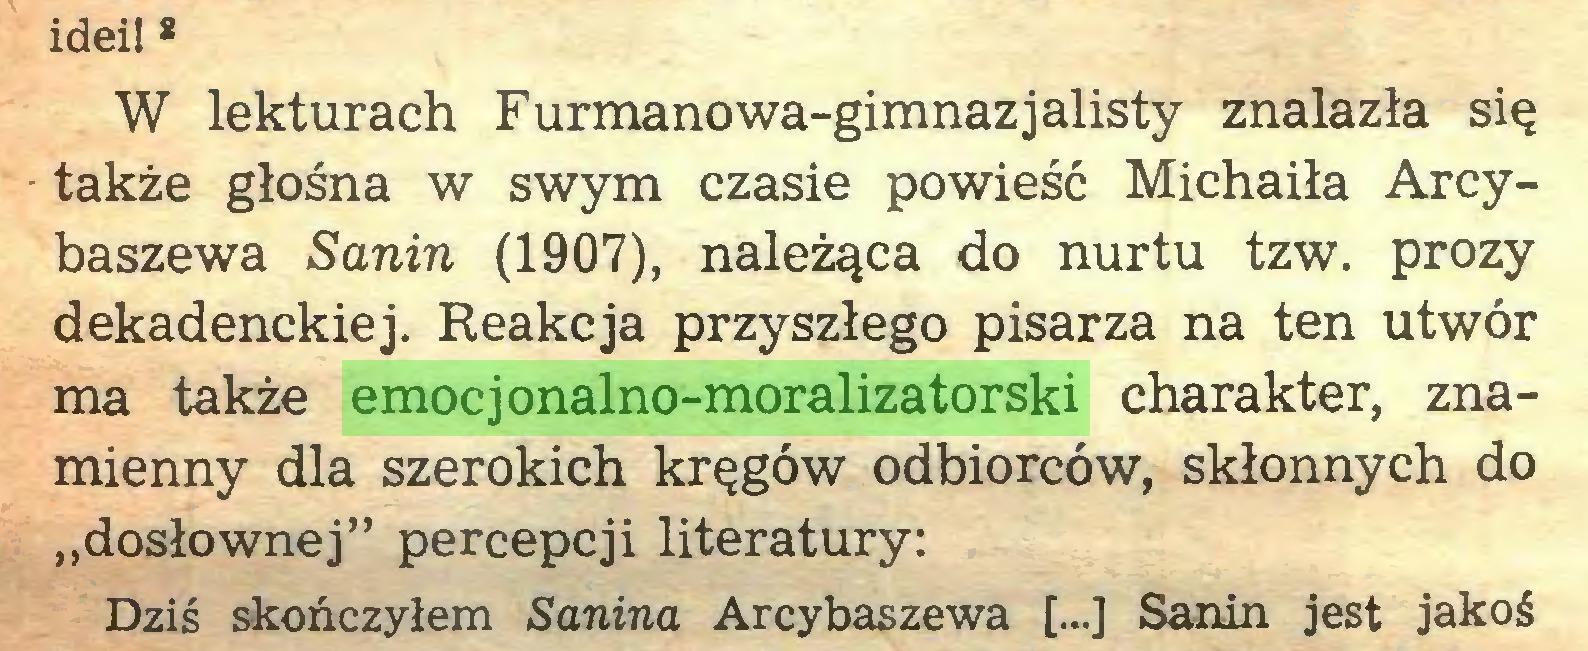 """(...) idei! 8 W lekturach Furmanowa-gimnazjalisty znalazła się także głośna w swym czasie powieść Michaiła Arcybaszewa Sanin (1907), należąca do nurtu tzw. prozy dekadenckiej. Reakcja przyszłego pisarza na ten utwór ma także emocjonalno-moralizatorski charakter, znamienny dla szerokich kręgów odbiorców, skłonnych do """"dosłownej"""" percepcji literatury: Dziś skończyłem Sanina Arcybaszewa [...] Sanin jest jakoś..."""